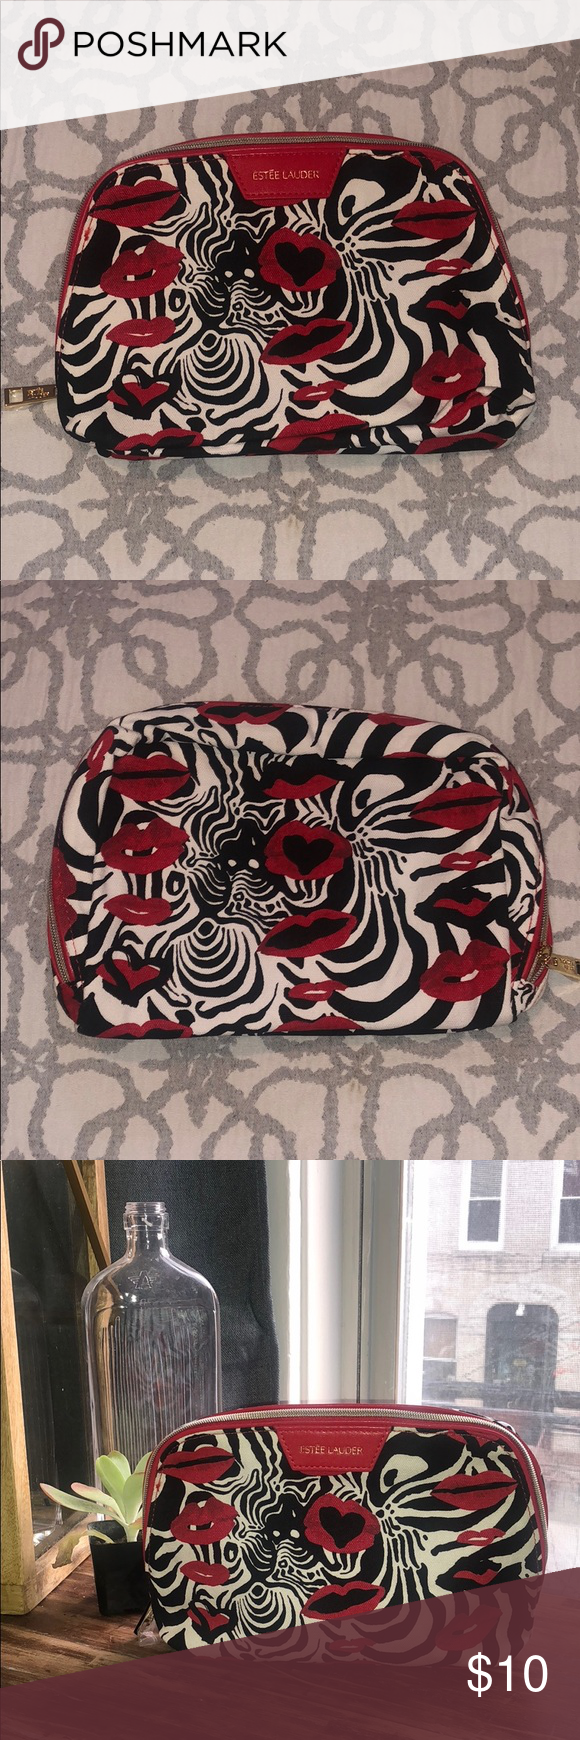 Zebra and Lip Estēe Lauder Makeup Bag Brand New Zebra and